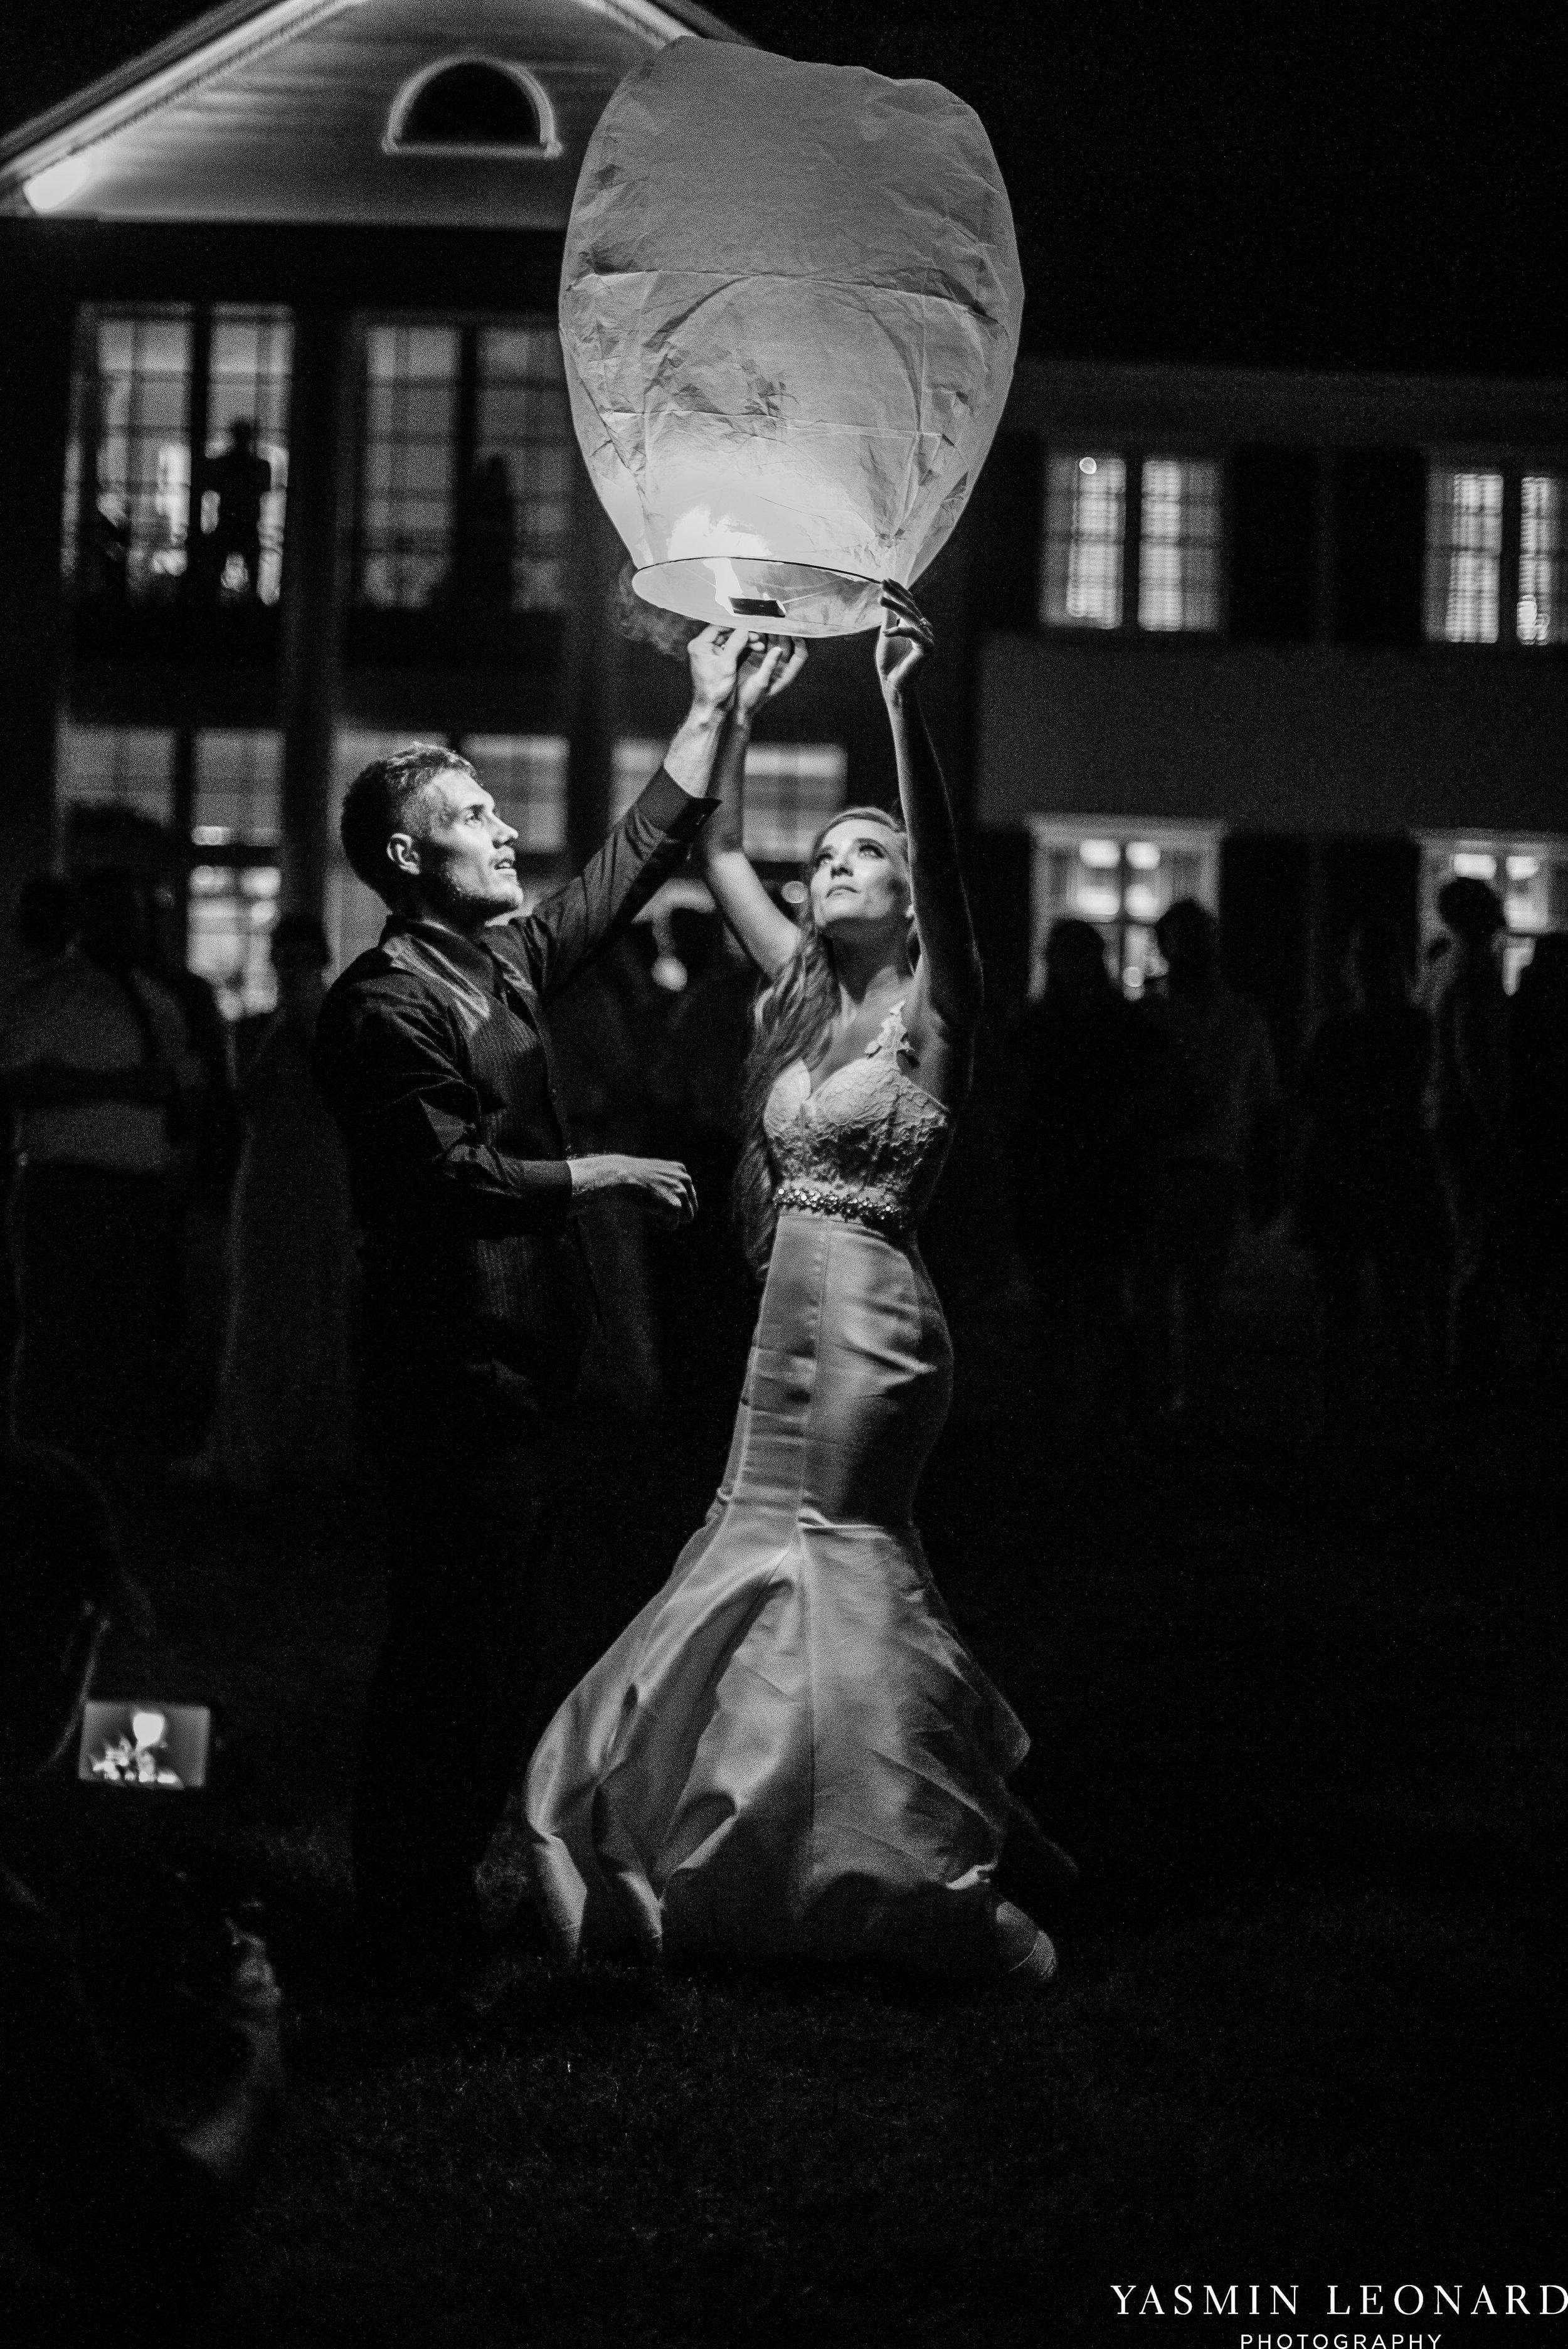 Boxwood Estate - Boxwood Estate Wedding - Luxury Wedding - Black and White Wedding - NC Wedding Venues - NC Weddings - NC Photographer - Lantern Release Grand Exit - Large Wedding Party - Yasmin Leonard Photography-92.jpg